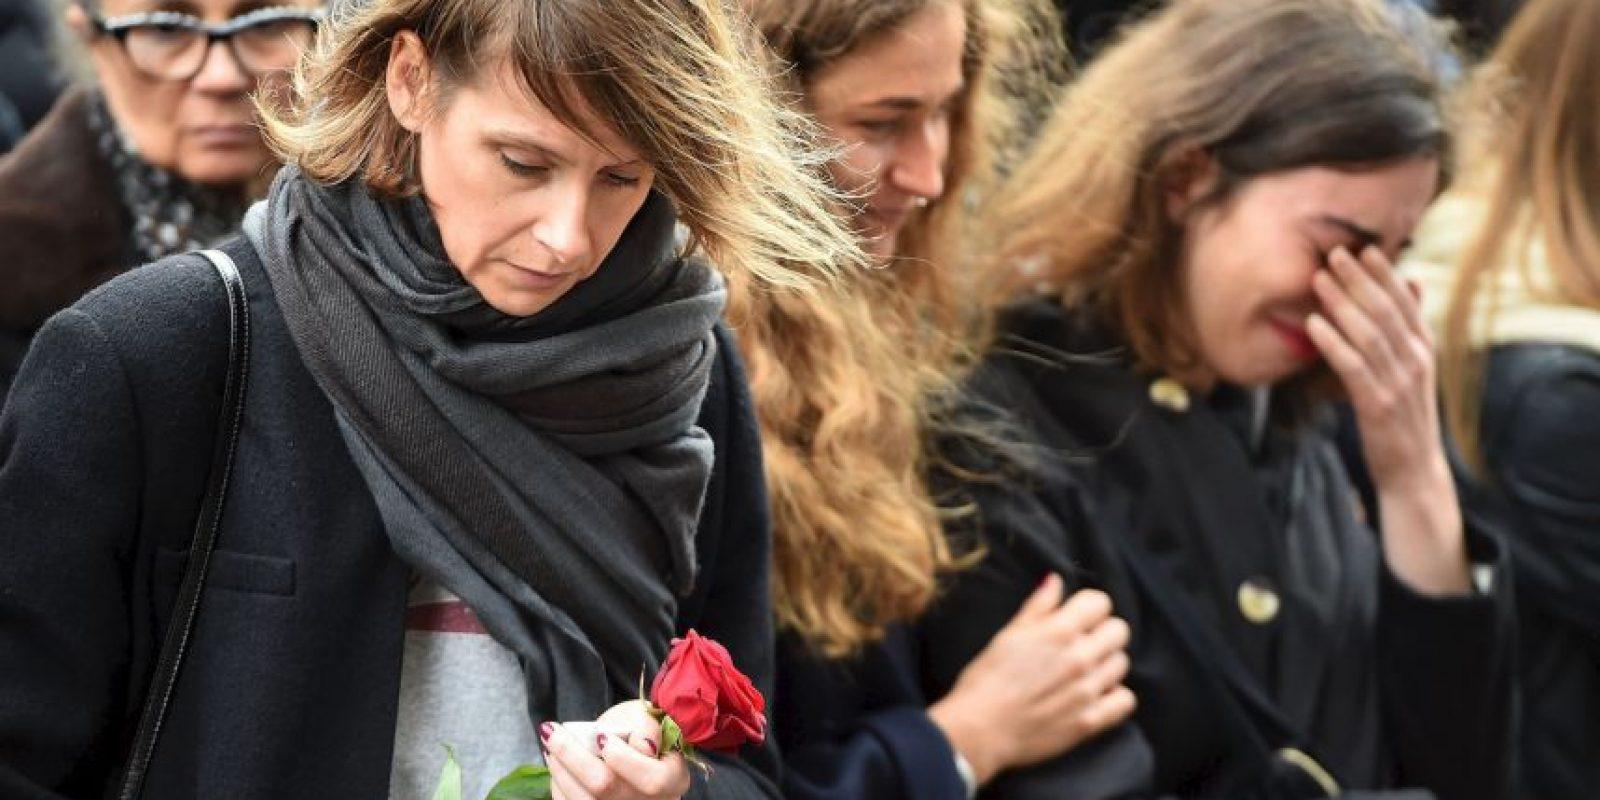 """En enero, tras los atentados a la revista """"Charlie Hebdo"""", Anonymous publicó miles de nombres de personas relacionadas al terrorismo. Foto:Getty Images"""